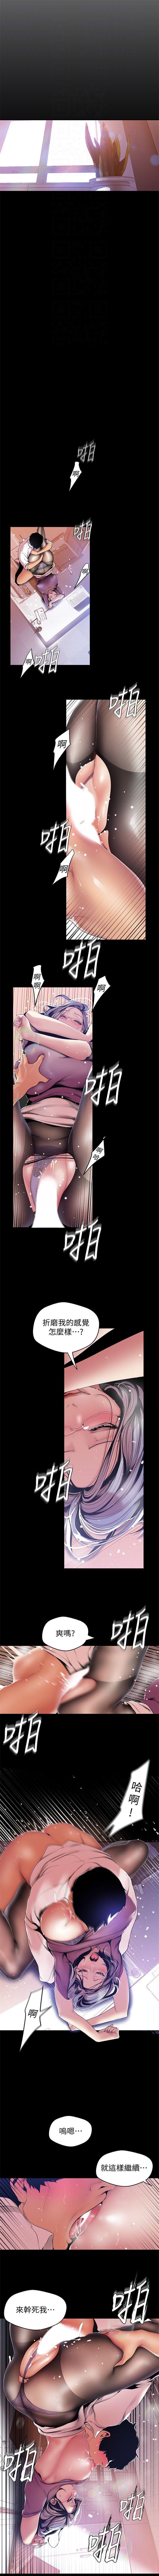 (週1)美麗新世界 1-76 中文翻譯 (更新中) 407